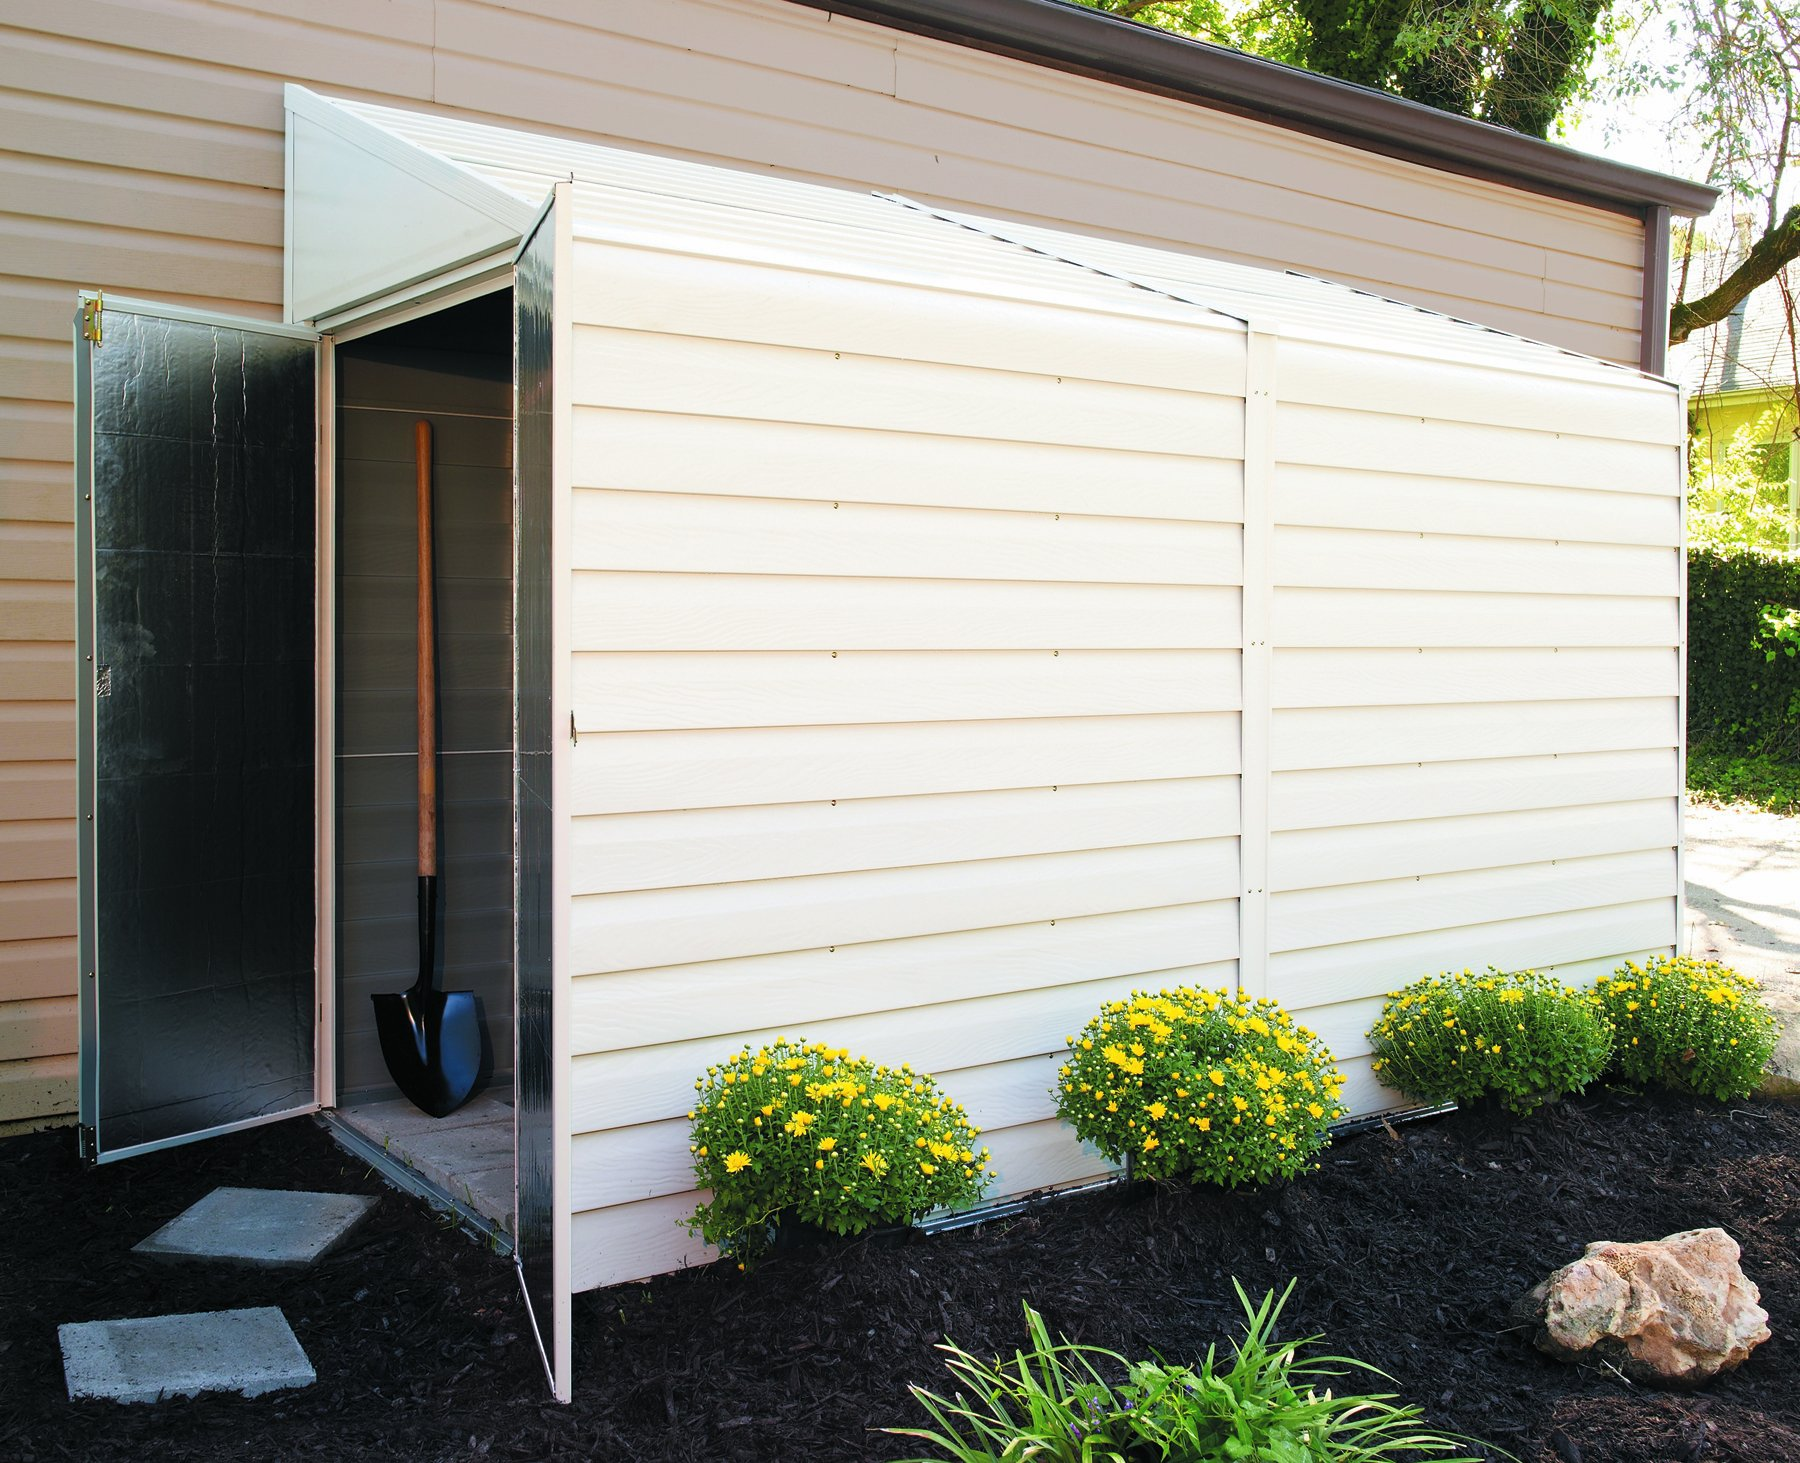 Arrow Shed YS410-A Yard Saver 4-Feet by 10-Feet Steel Storage Shed by Arrow